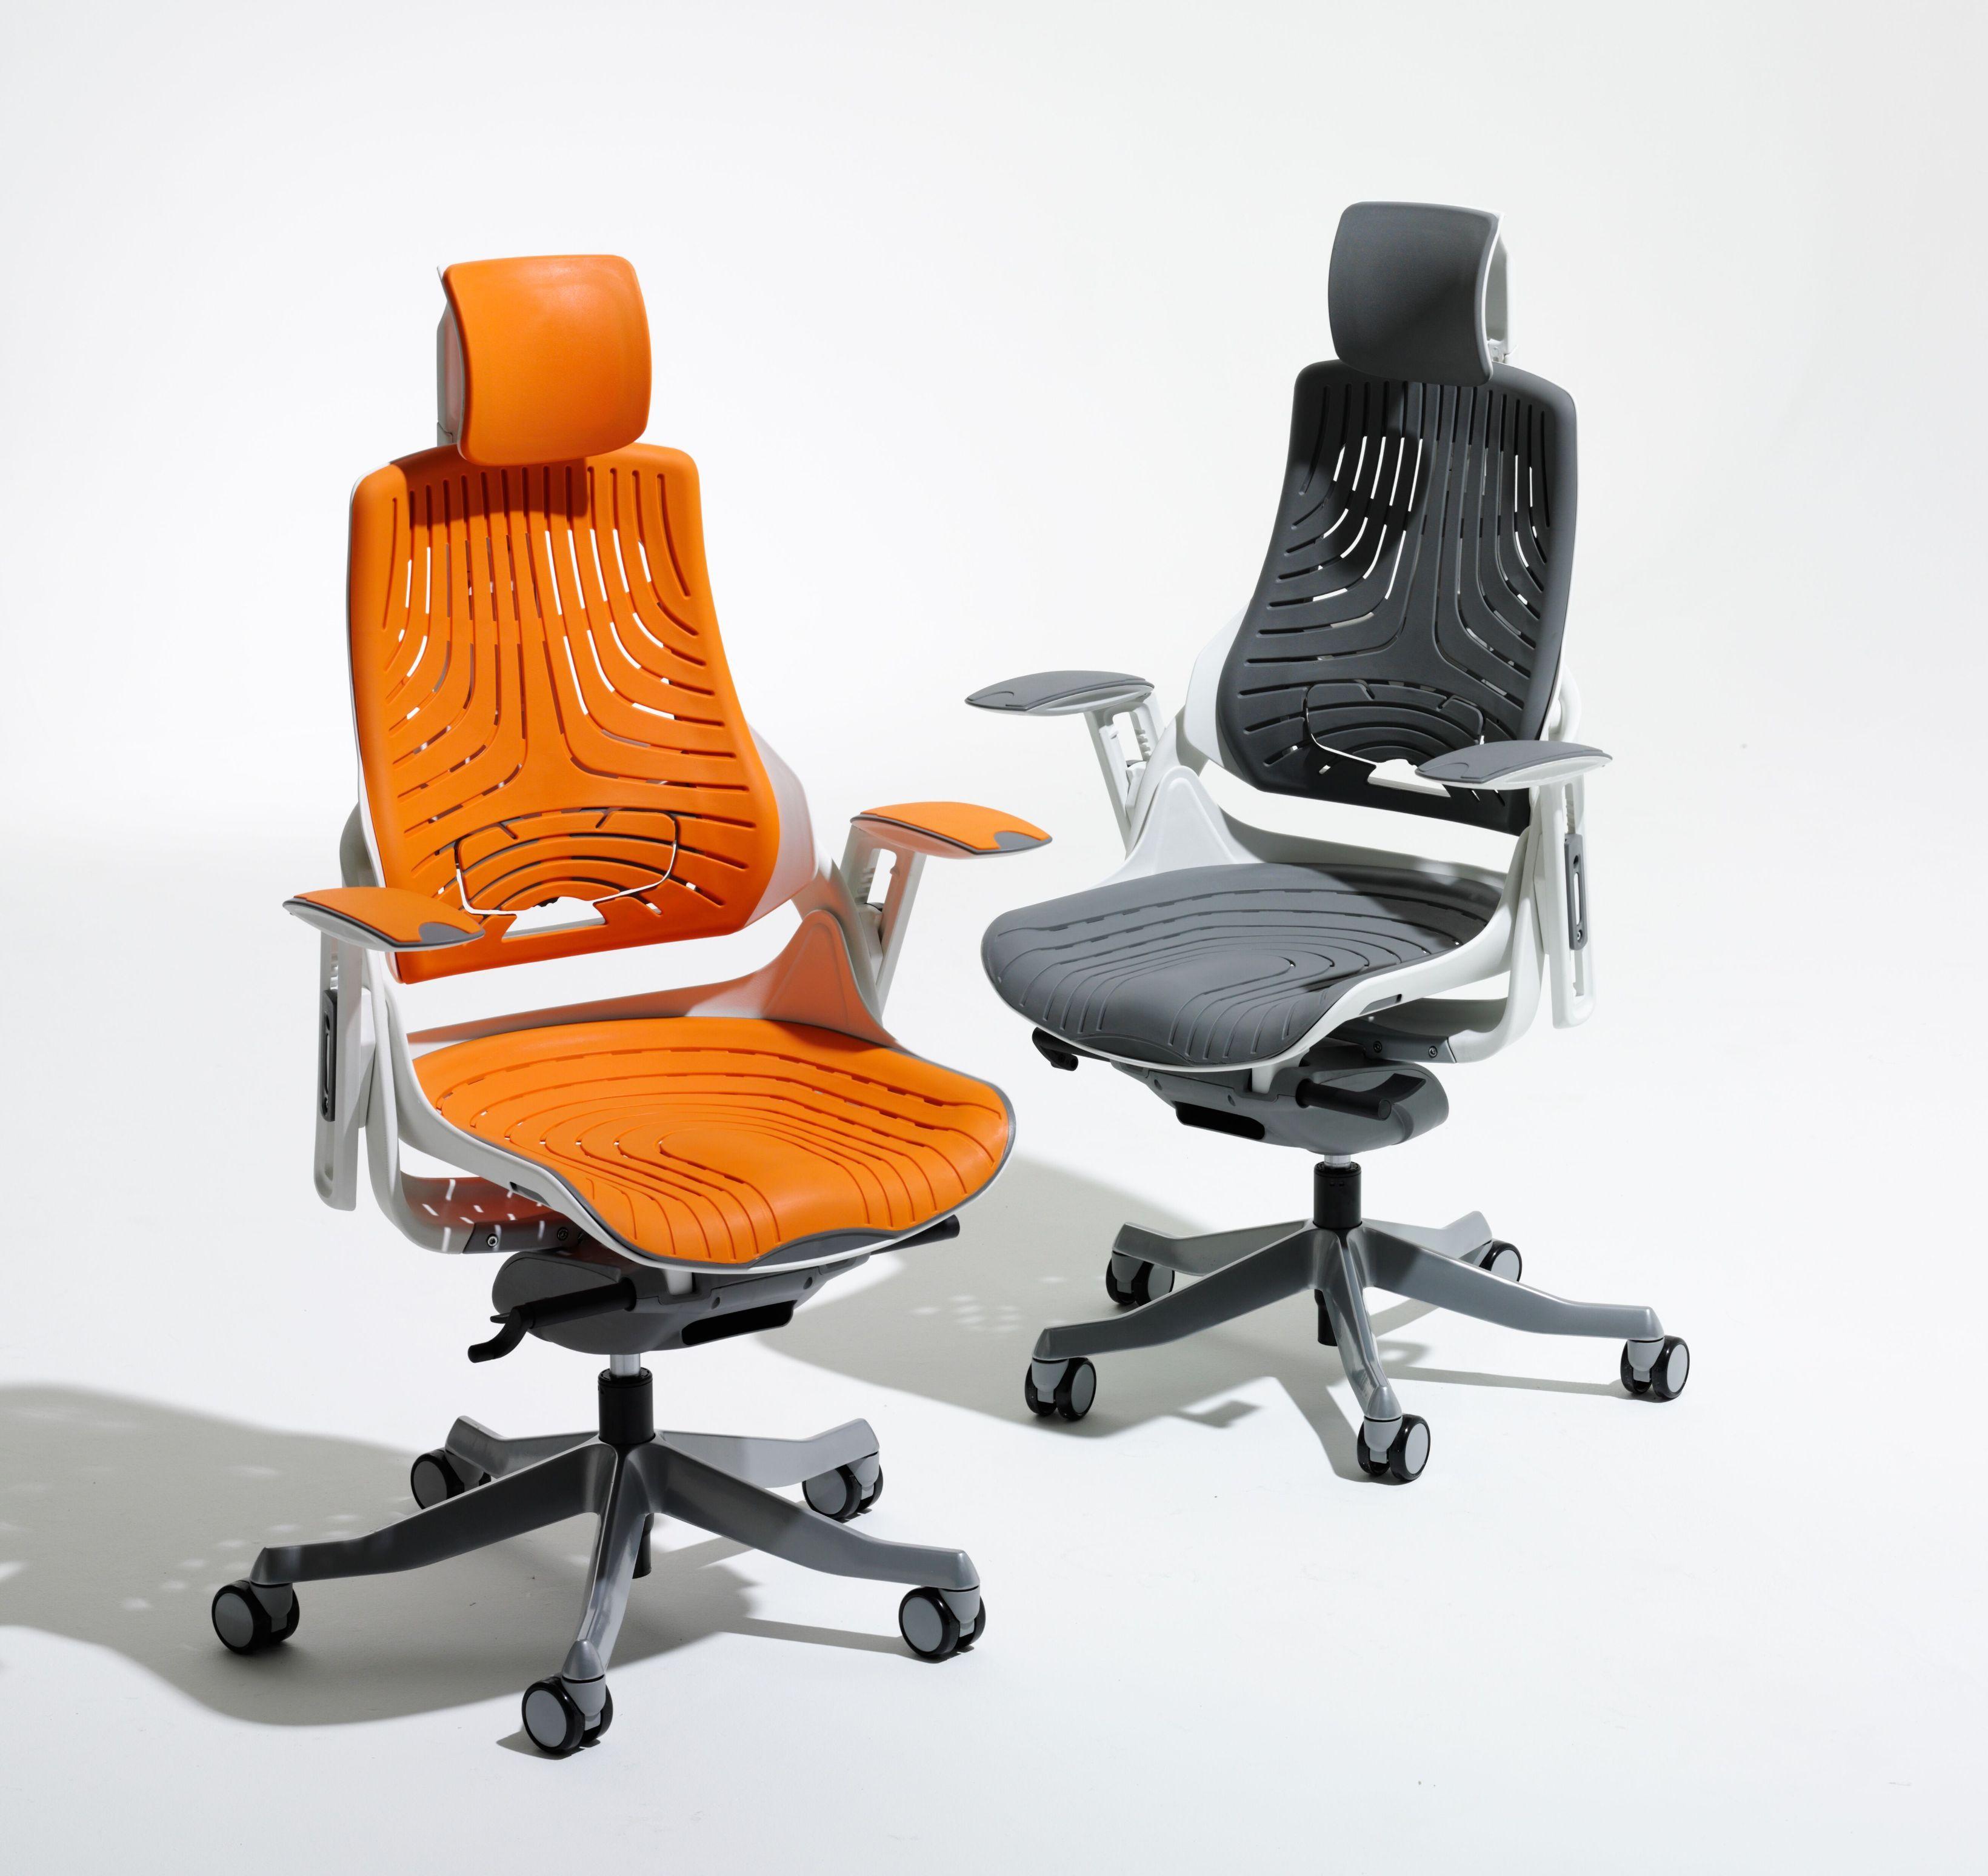 Ergonomic Chair Uk Ikea Best For Sewing Machine Elastomer Office Chairs Orange Mesh